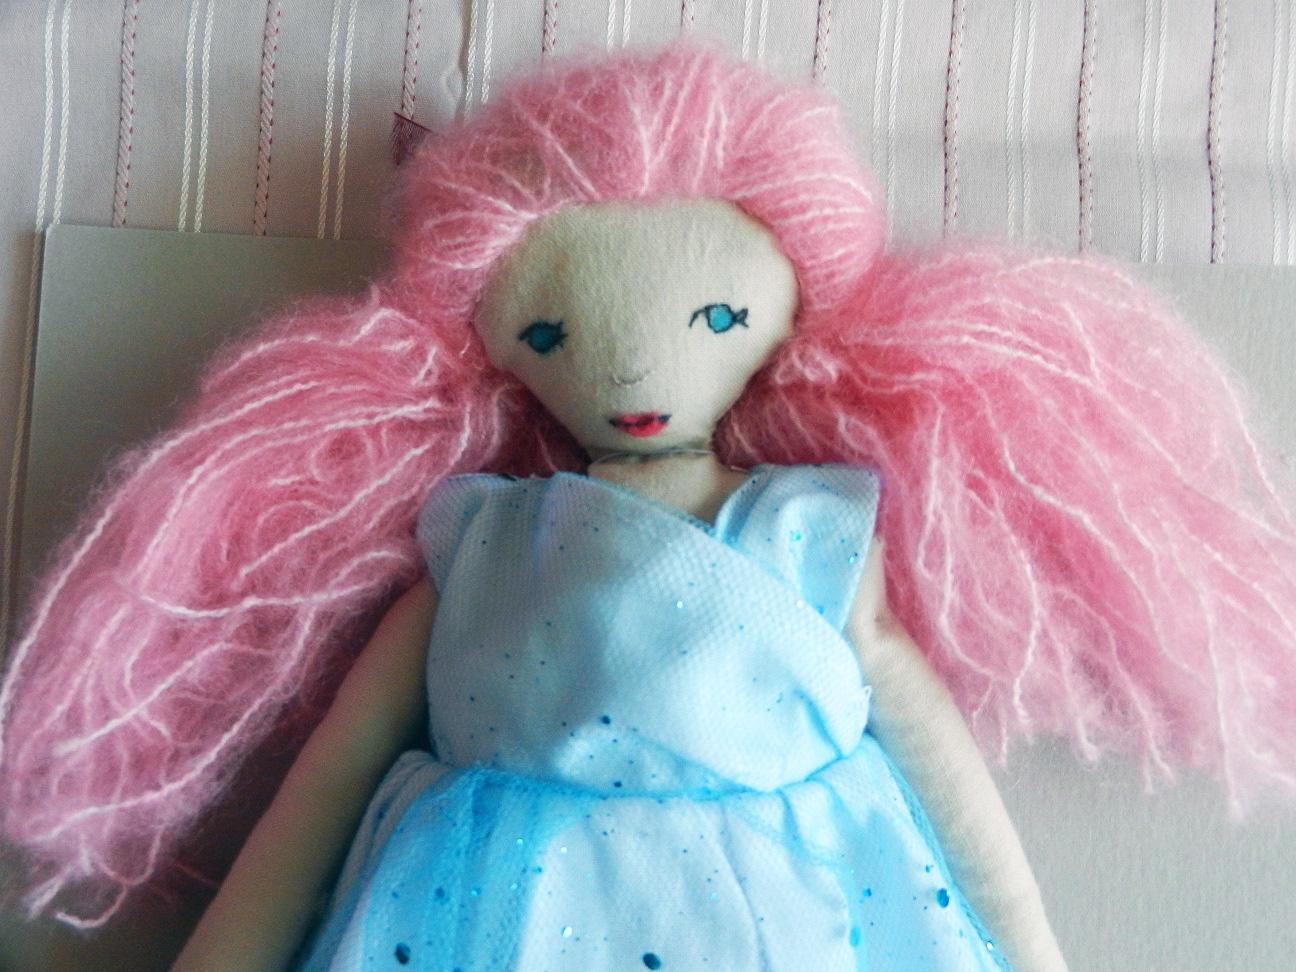 Doap 3 b poupee cheveux roses robe paillettes bleues